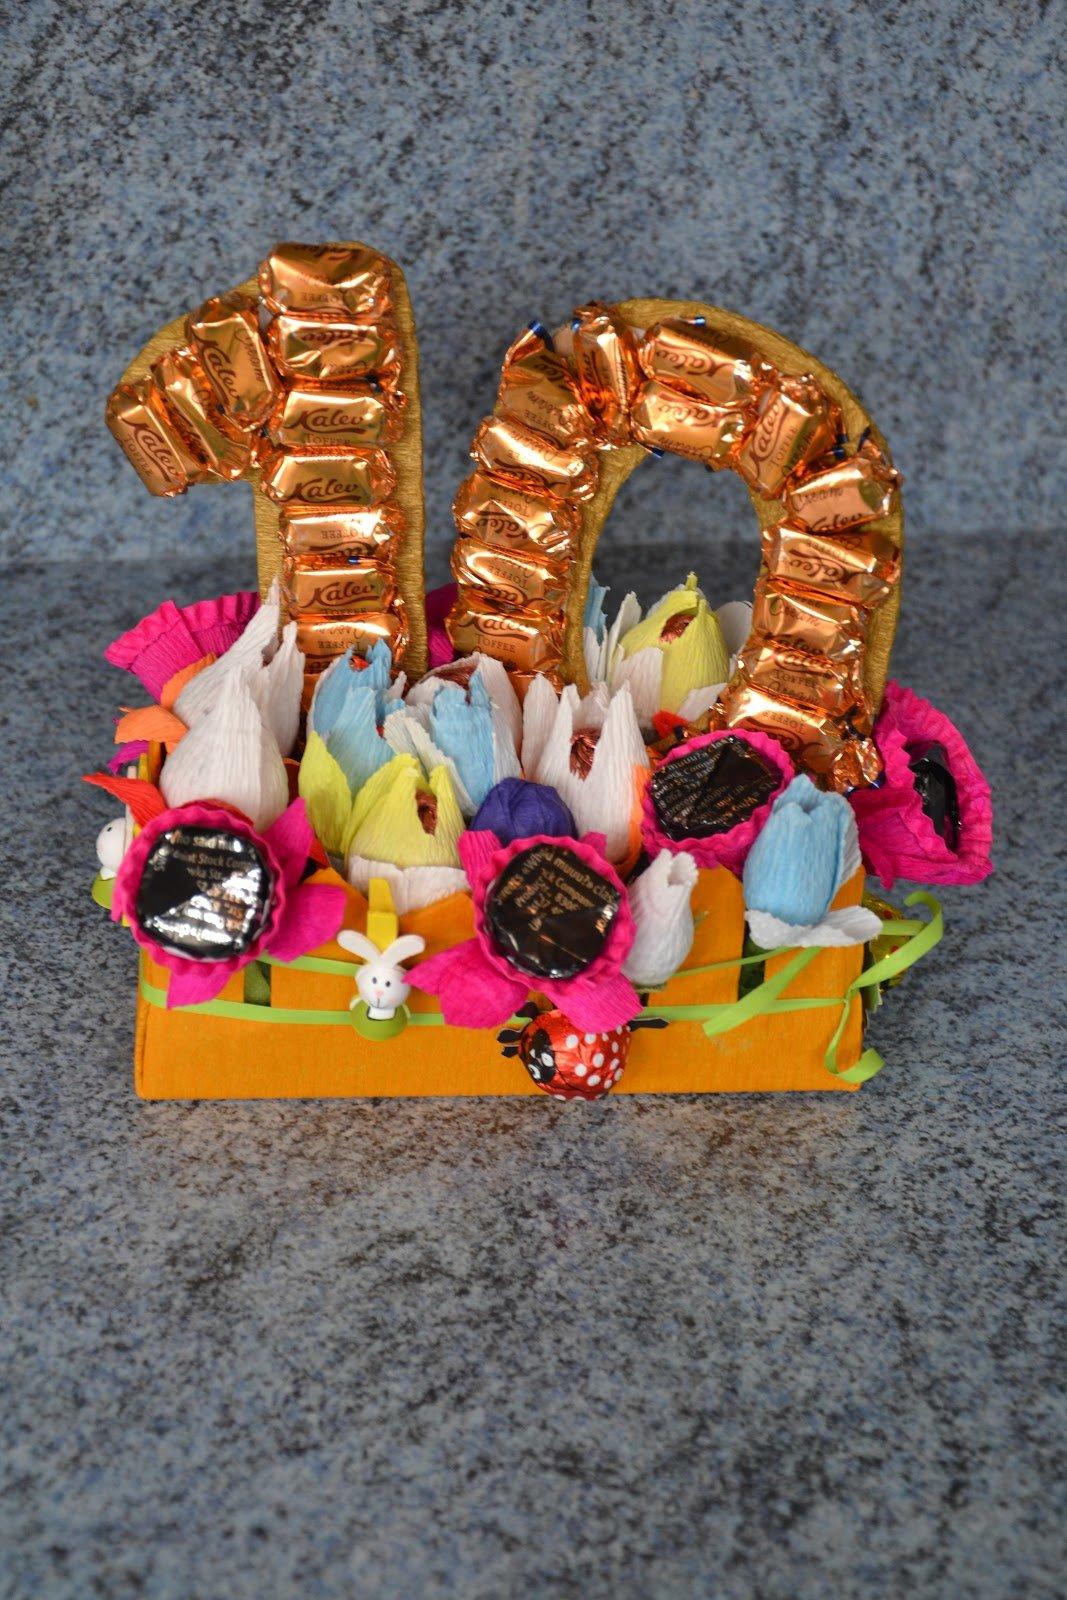 Сладкие подарки своими руками на день рождения коллеге